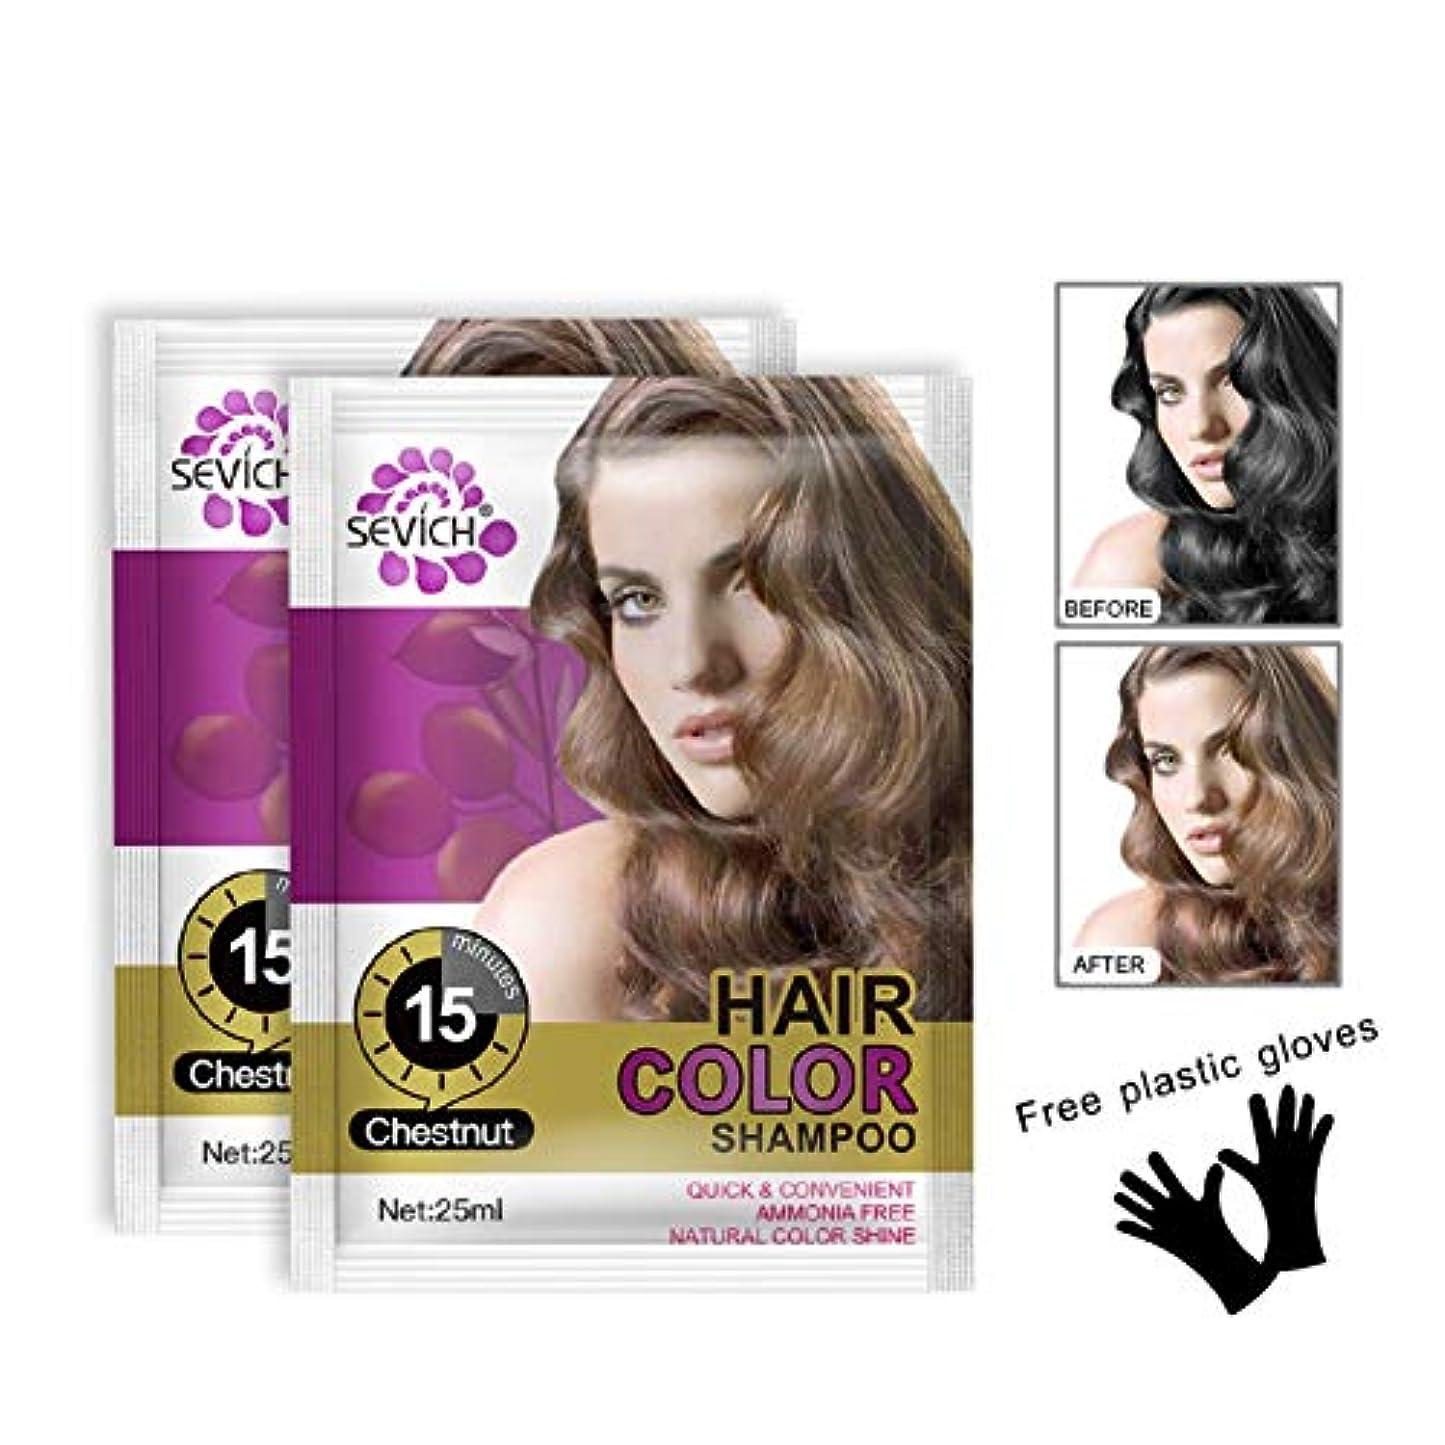 ページ男やもめ六ヘアカラー ヘア染め ヘアカラースタイリング 髪の色のシャンプ ヘアシャンプー 純粋な植物 自然 刺激ない ヘアケア 10枚セット Cutelove